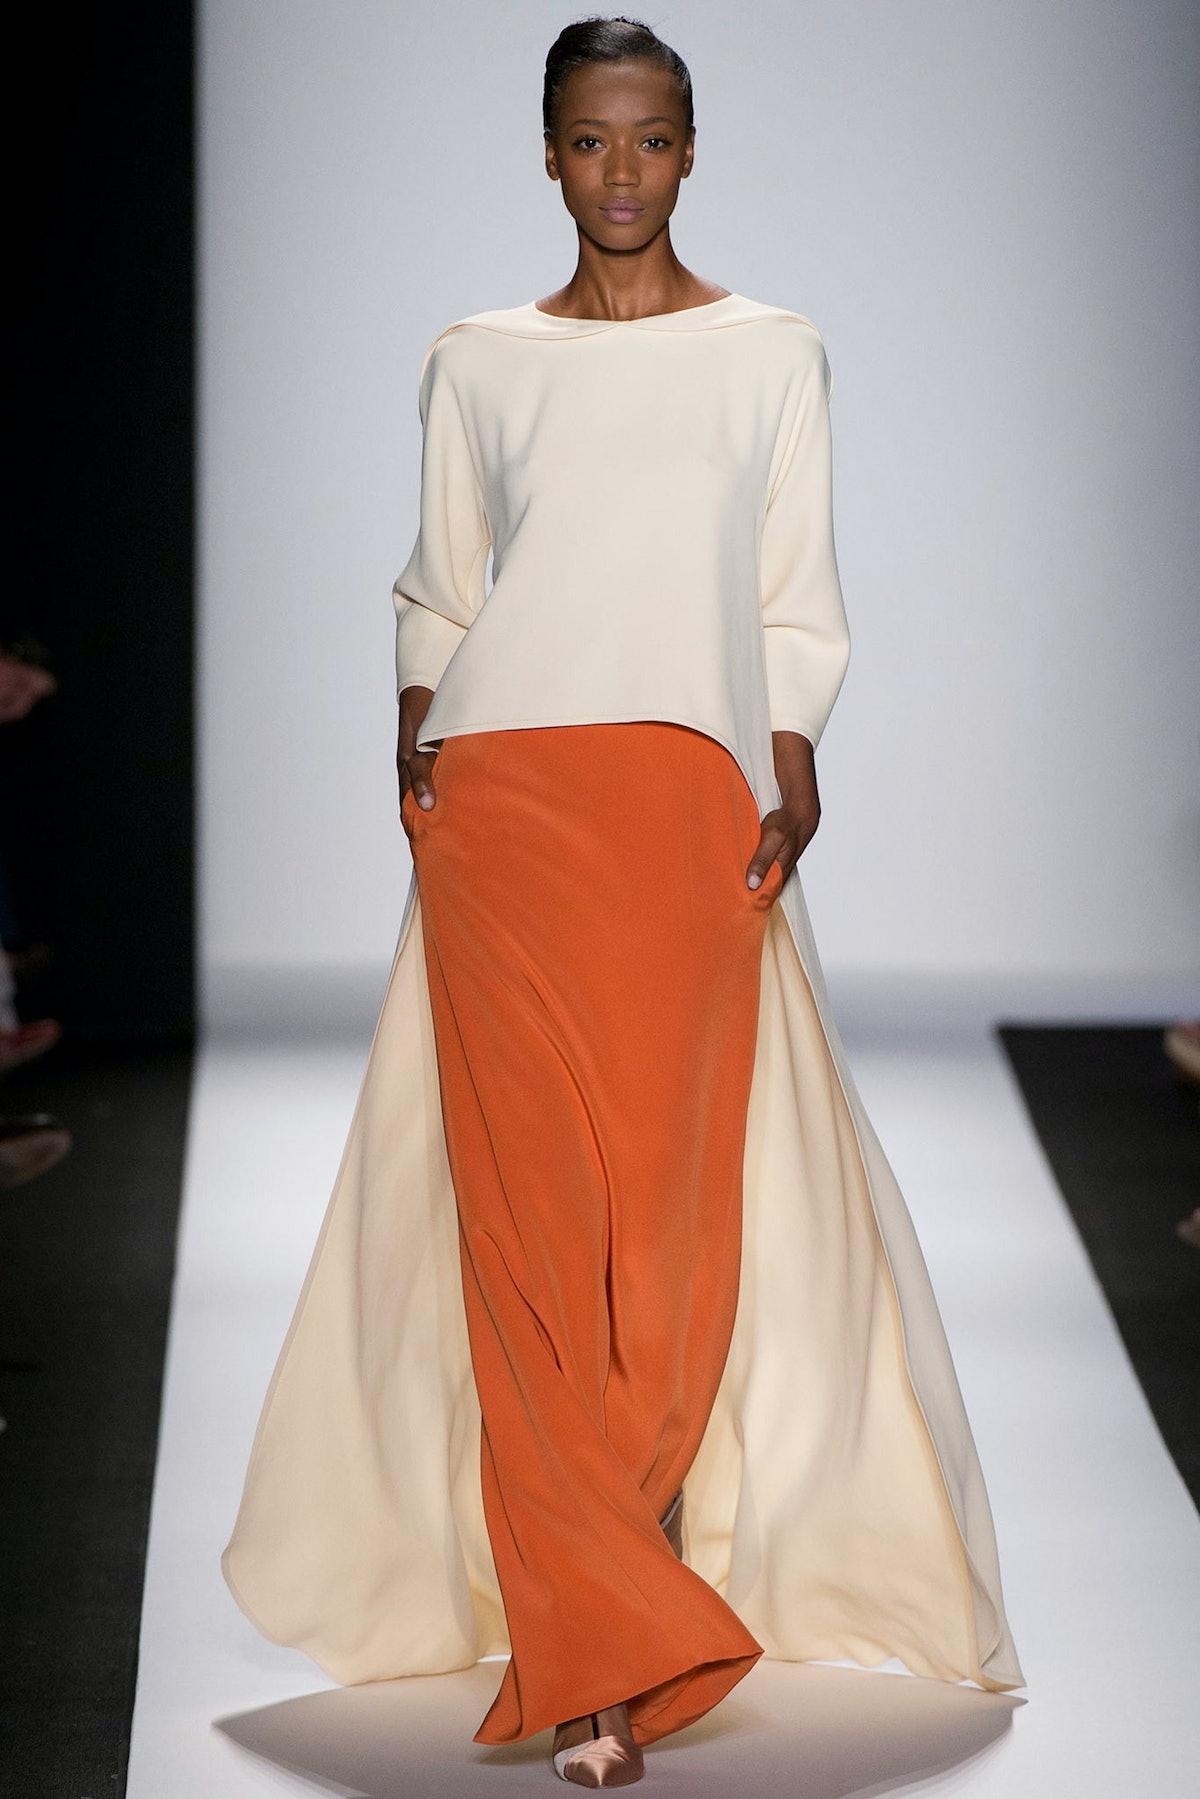 [Carolina Herrera](http://www.wmagazine.com/fashion/fashion-week-reviews/2013/09/carolina-herrera-spring-2014/) Spring 2014. Photograph courtesy of the designer.